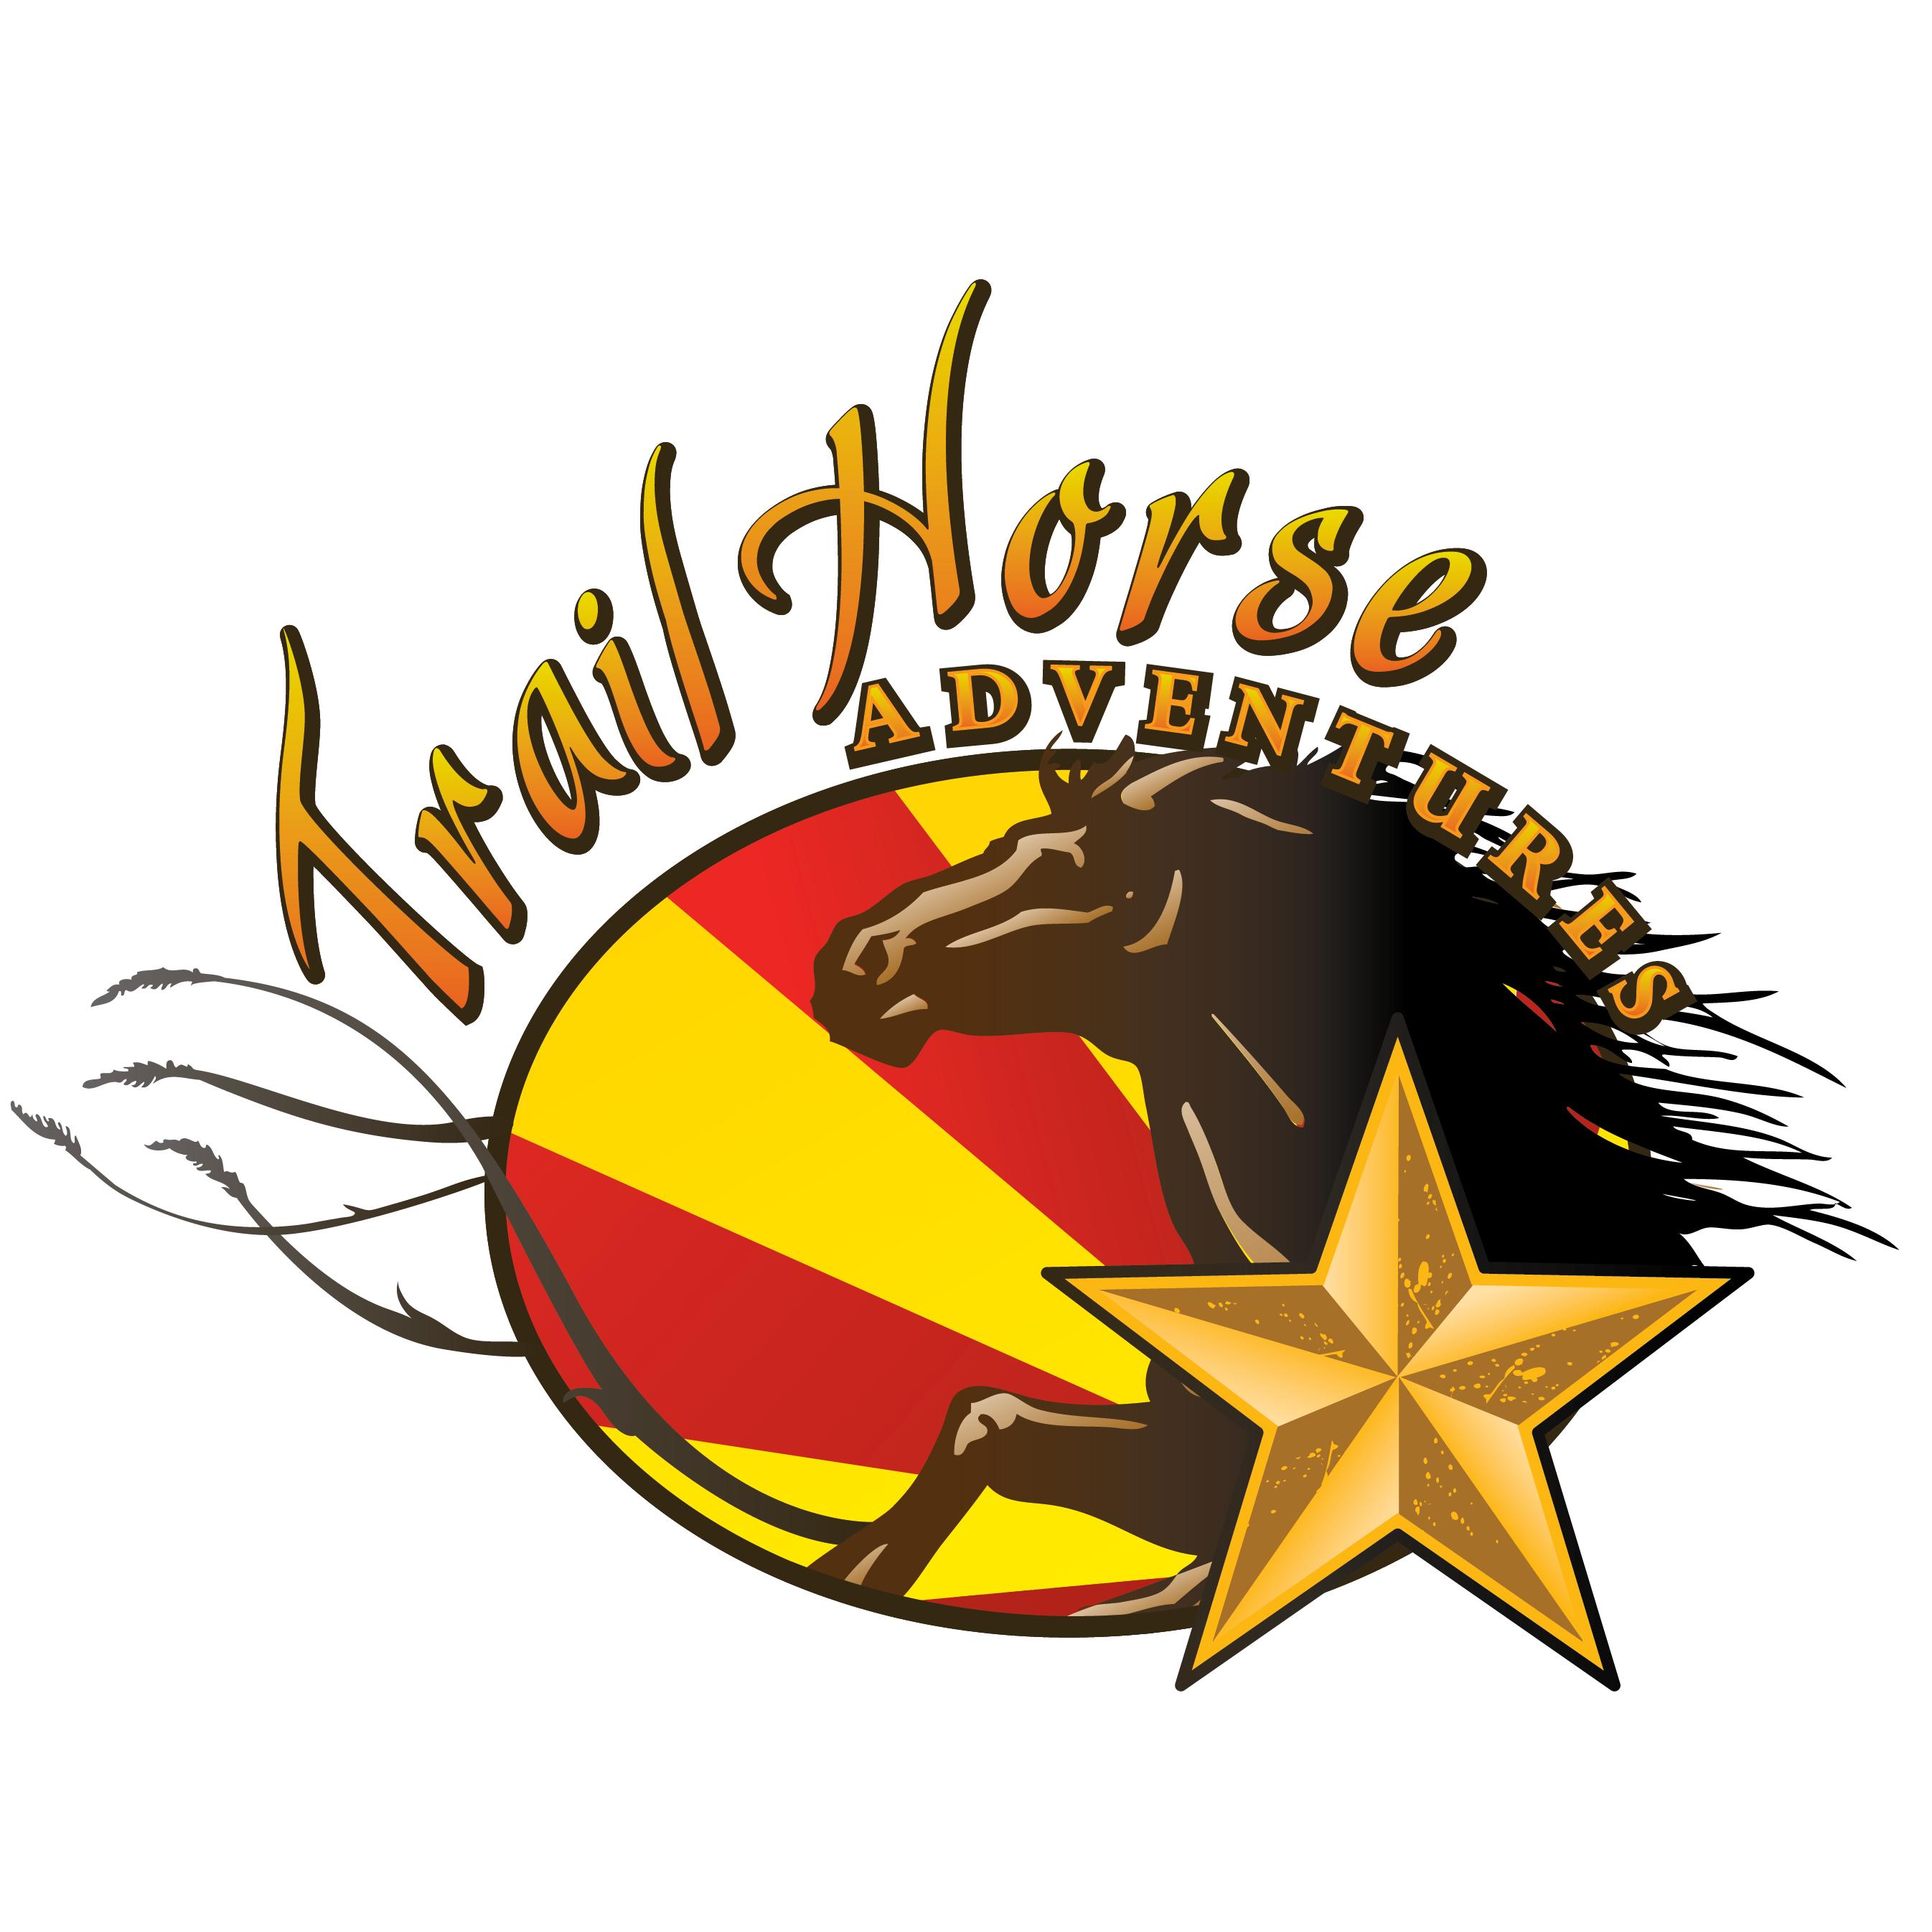 Trailhorse Adventures